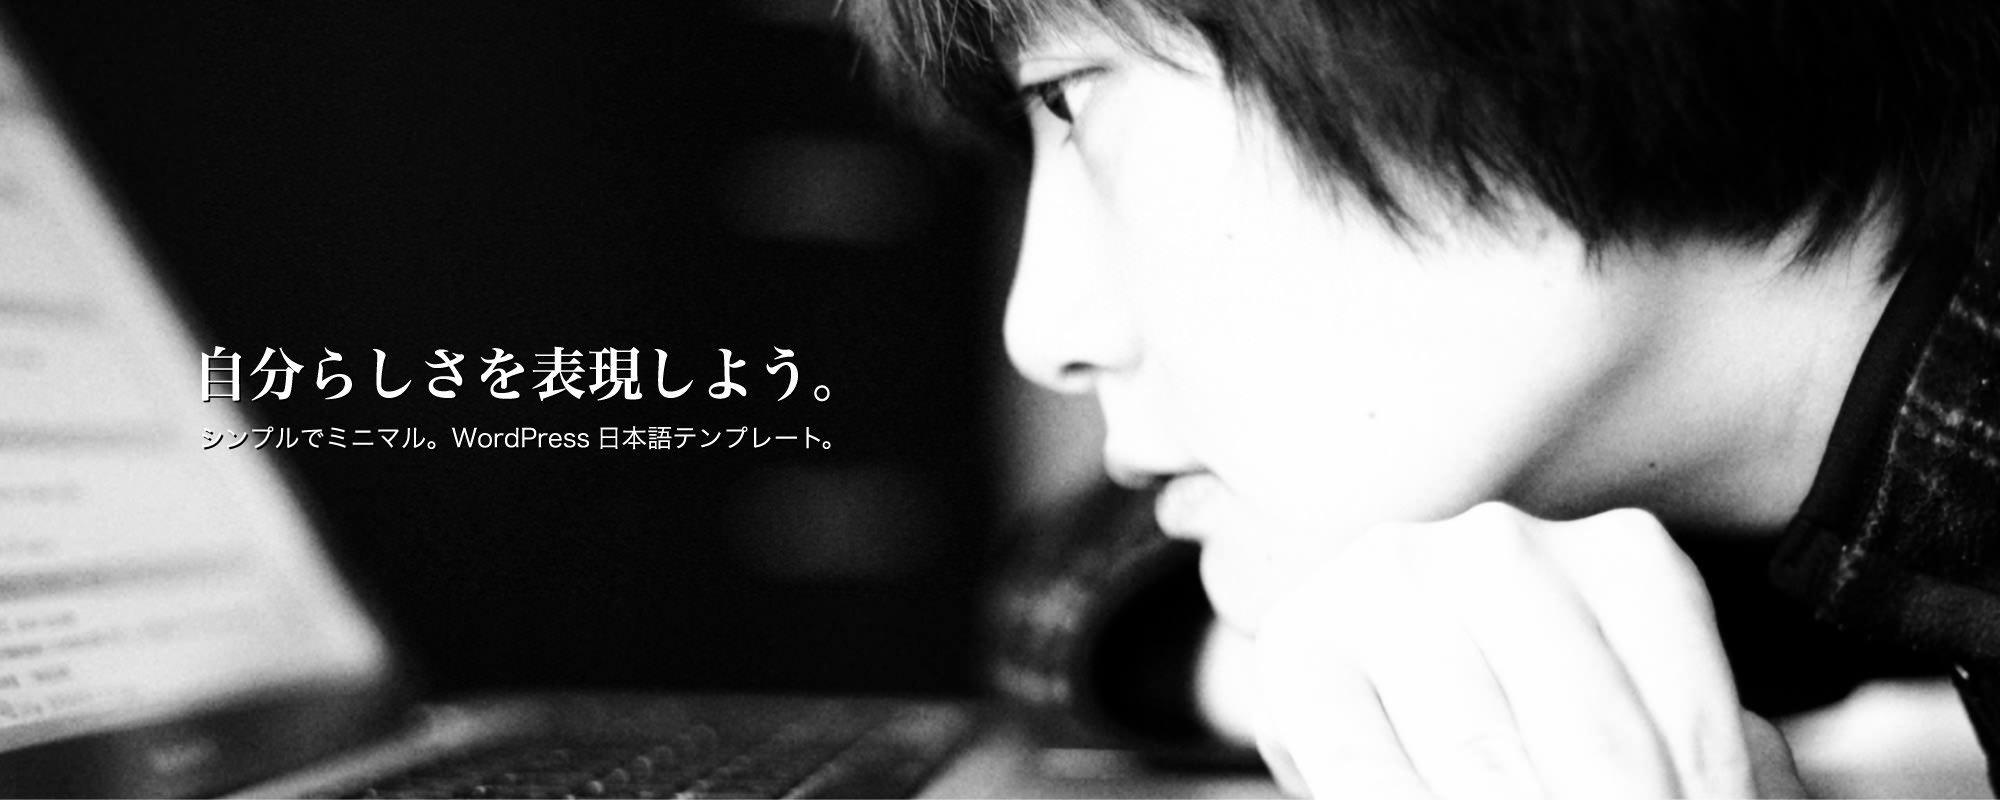 ワードプレステンプレート Minimal WP | 日本語WordPressテーマでシンプルホームページを簡単作成